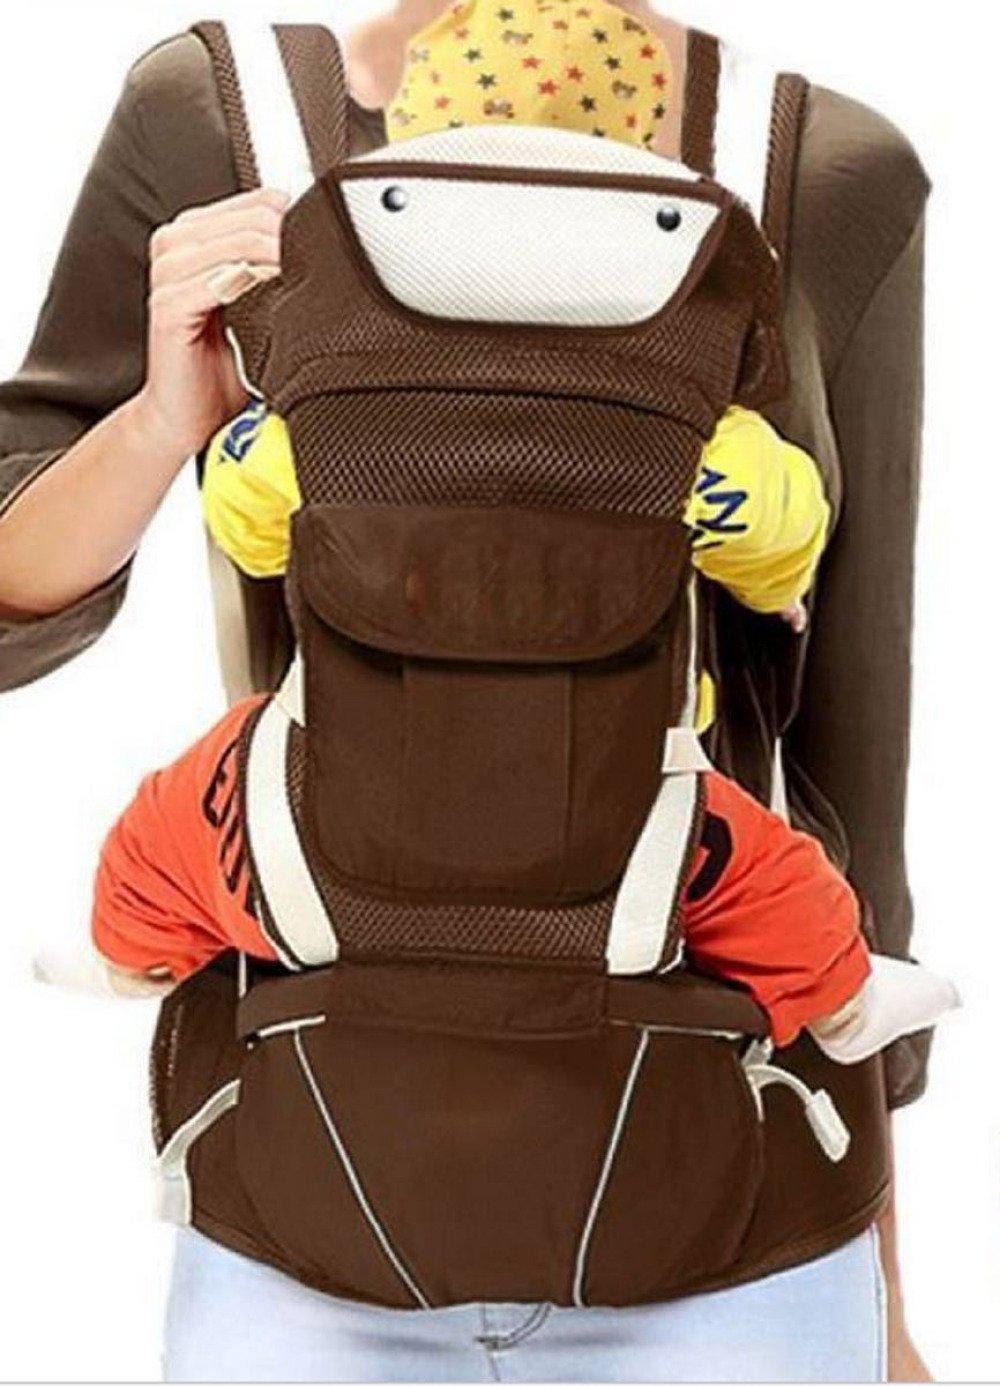 TUJHGF Strap Multifunktionale Frontklemme Atmungsaktiv Freshman Vier Jahreszeiten Babys Schultern Universal Artefakt Lendenwirbel,Braun